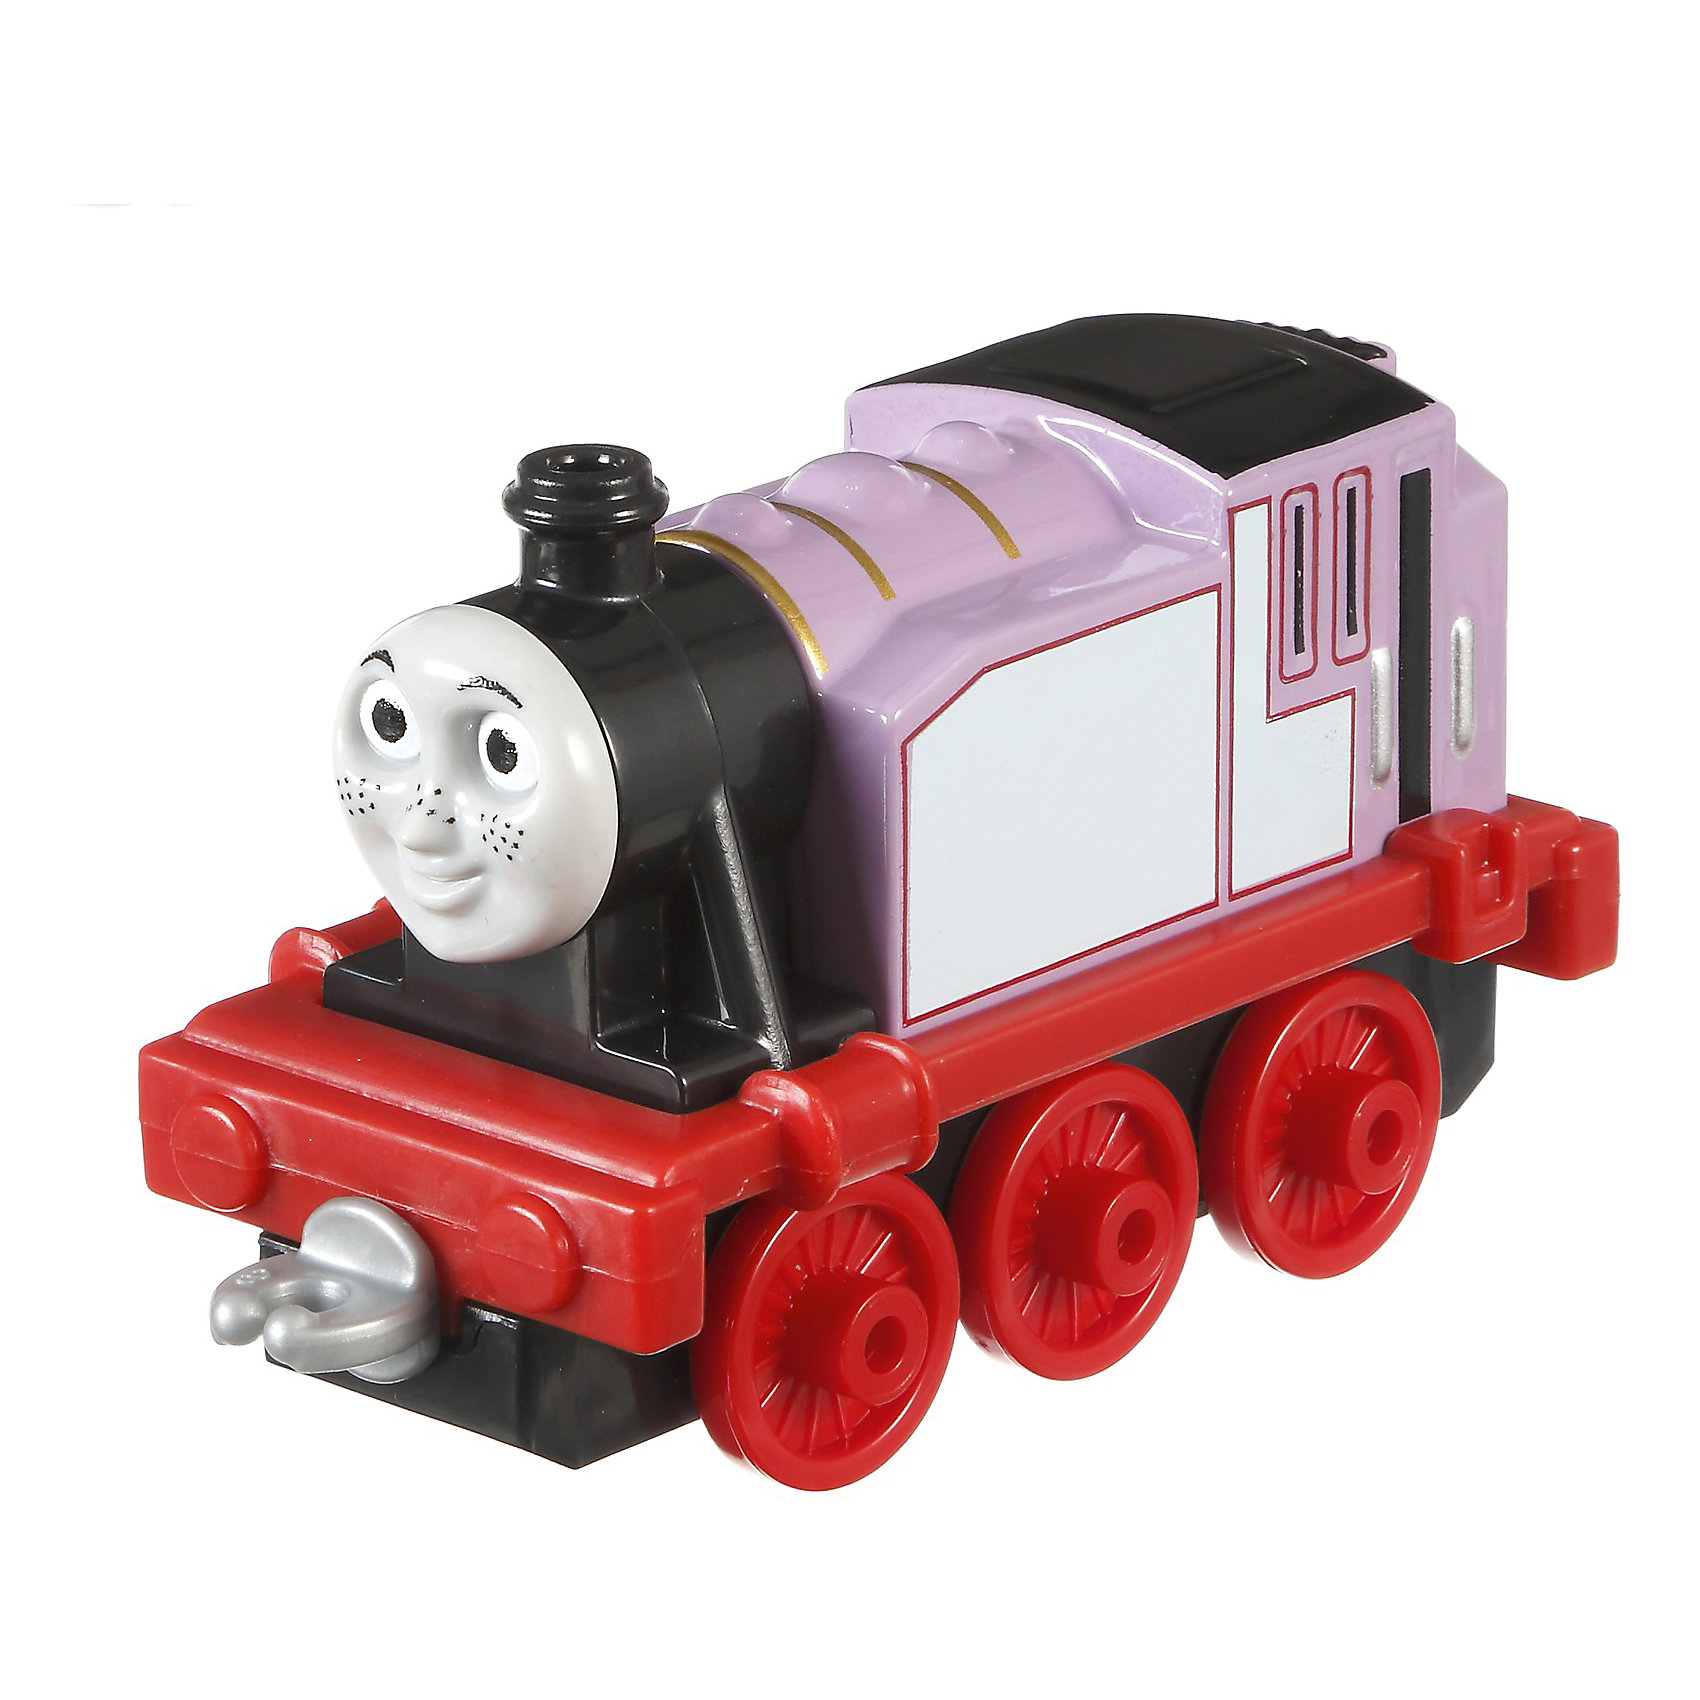 Mattel Паровозик Рози, Fisher Price, Томас и его друзья mattel игрушки веселые друзья со звуком fisher price в ассортименте